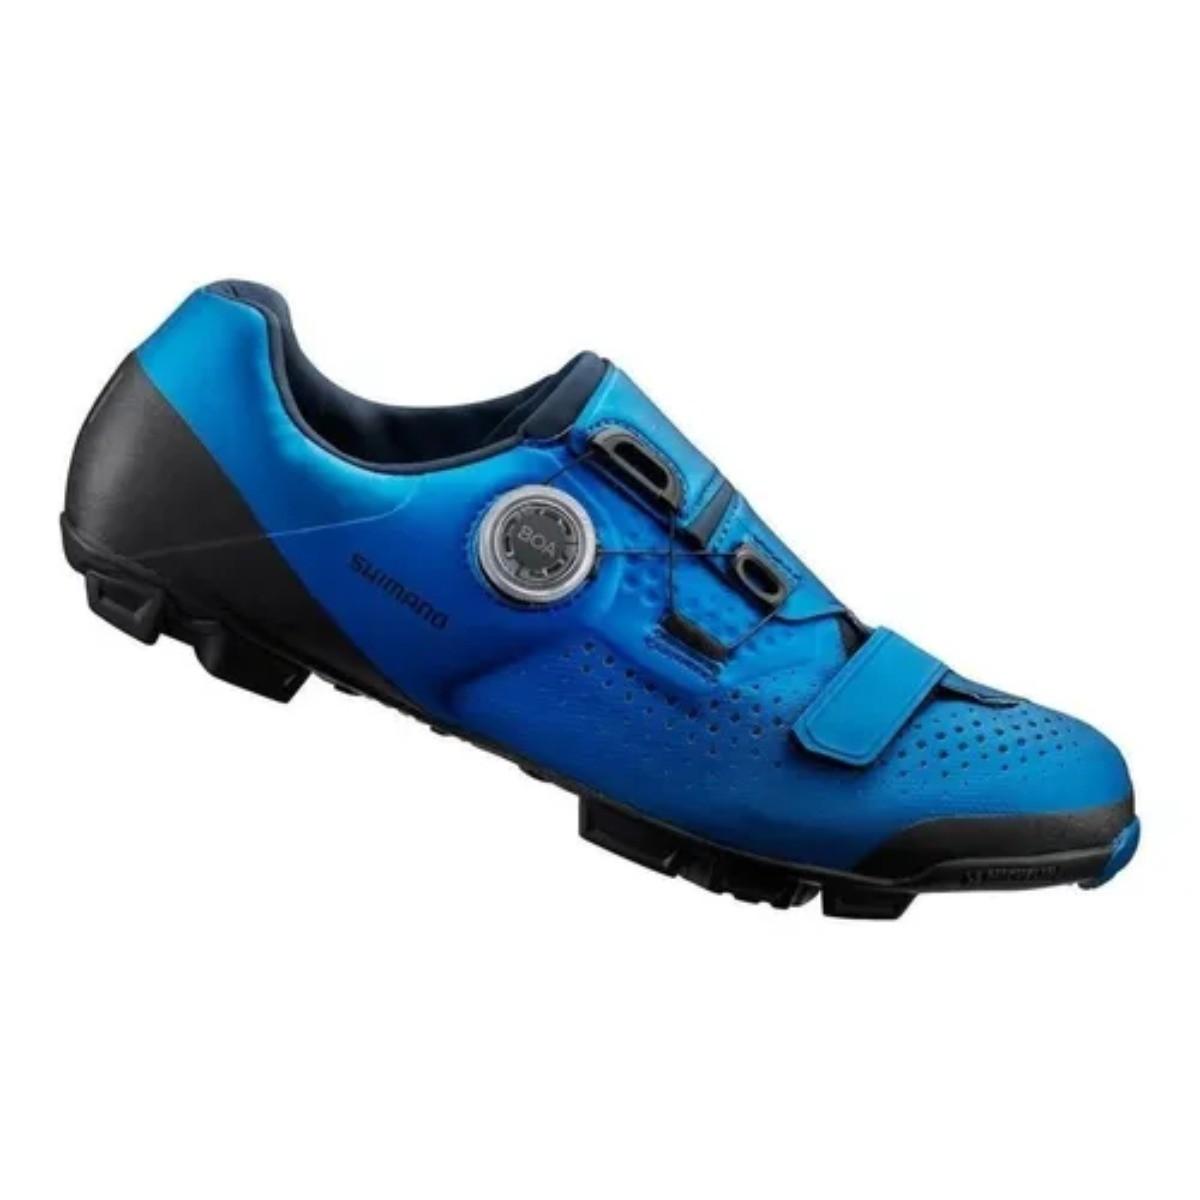 Sapatilha Shimano Xc501 Azul Com Crank Pedal Clip Candy1